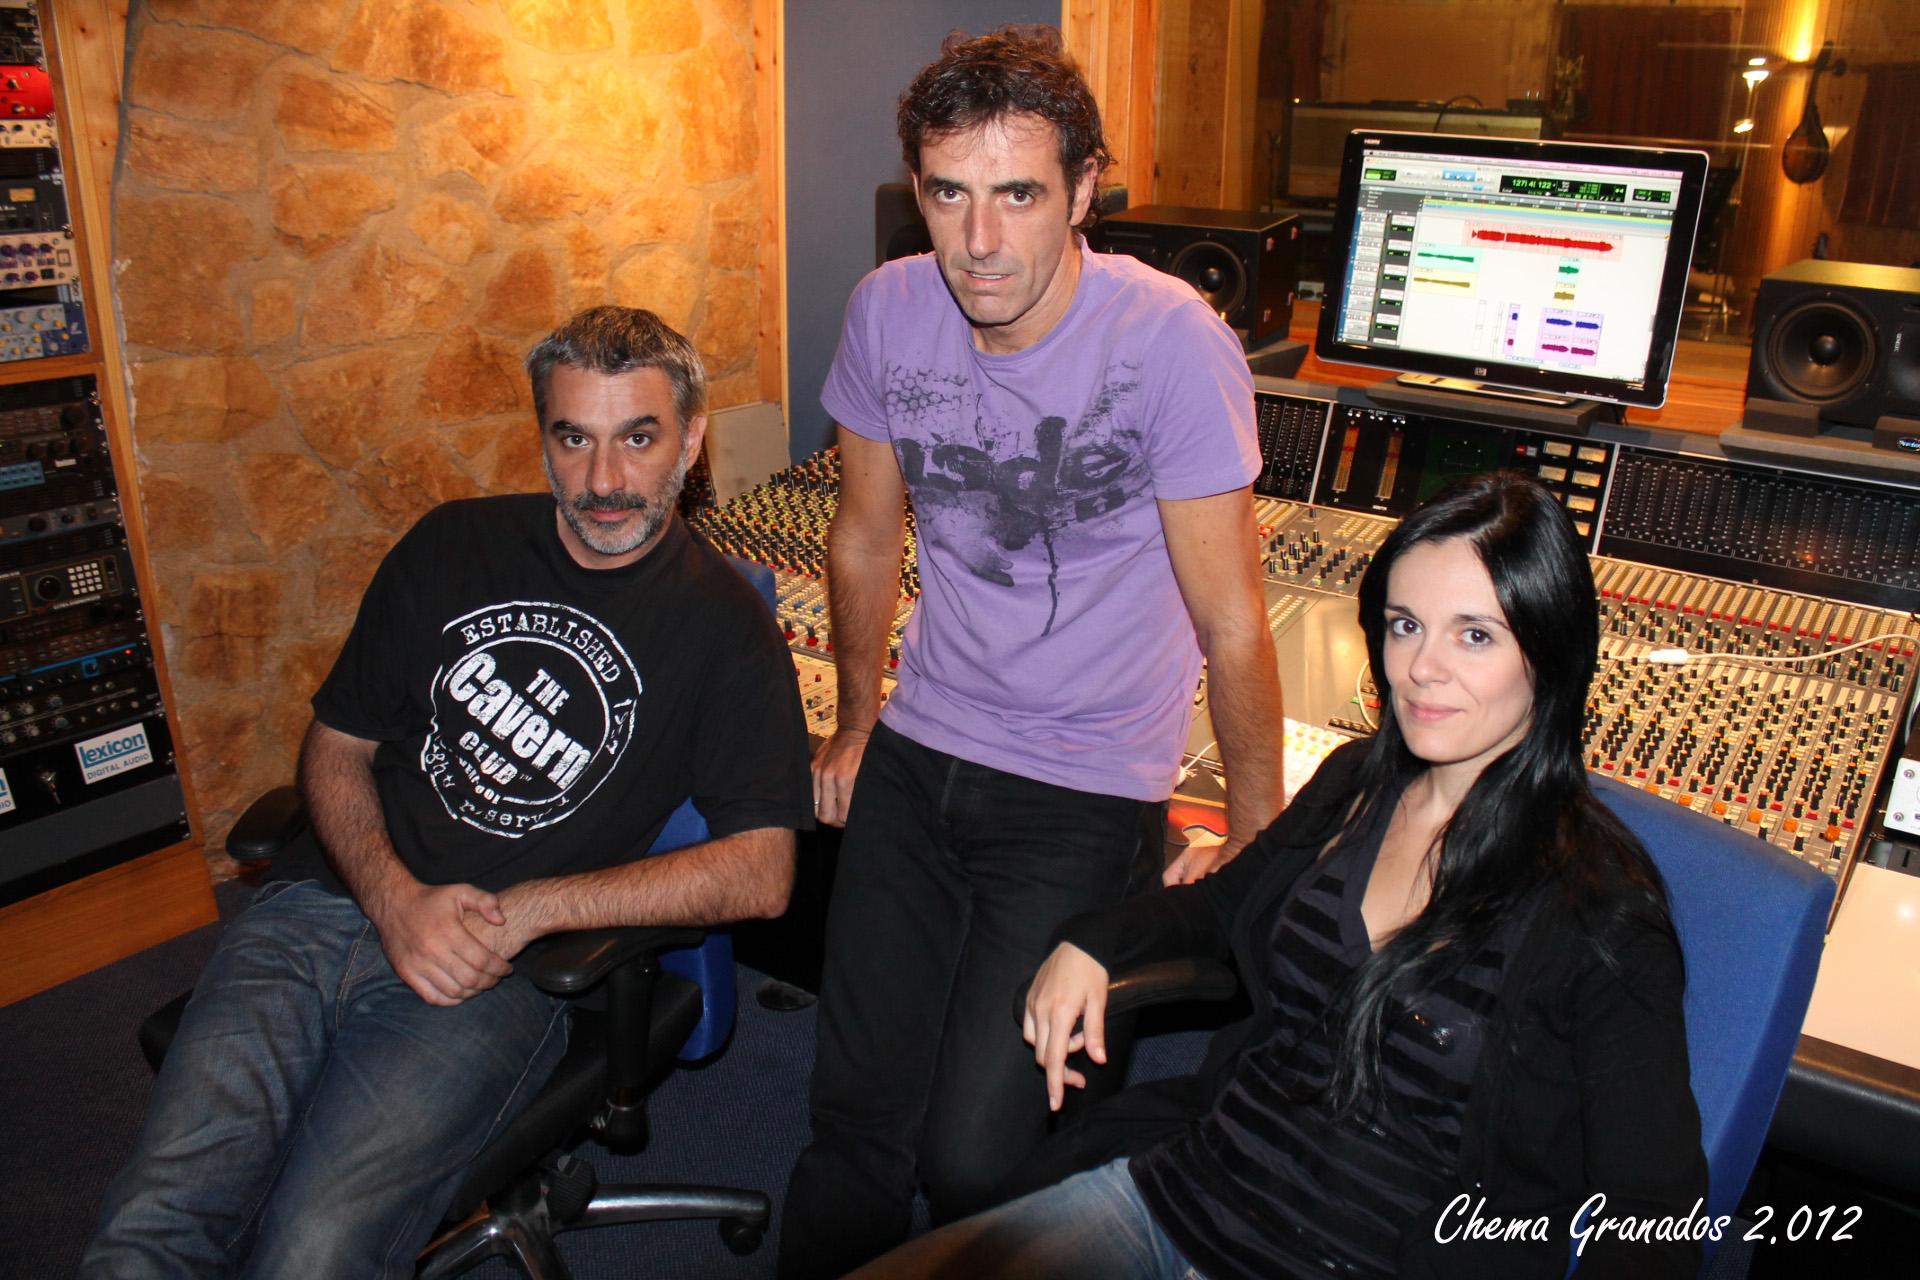 De izquierda a derecha Marc Puente, Juanan San Martin y Pilar Sánchez. Foto: Chema Granados